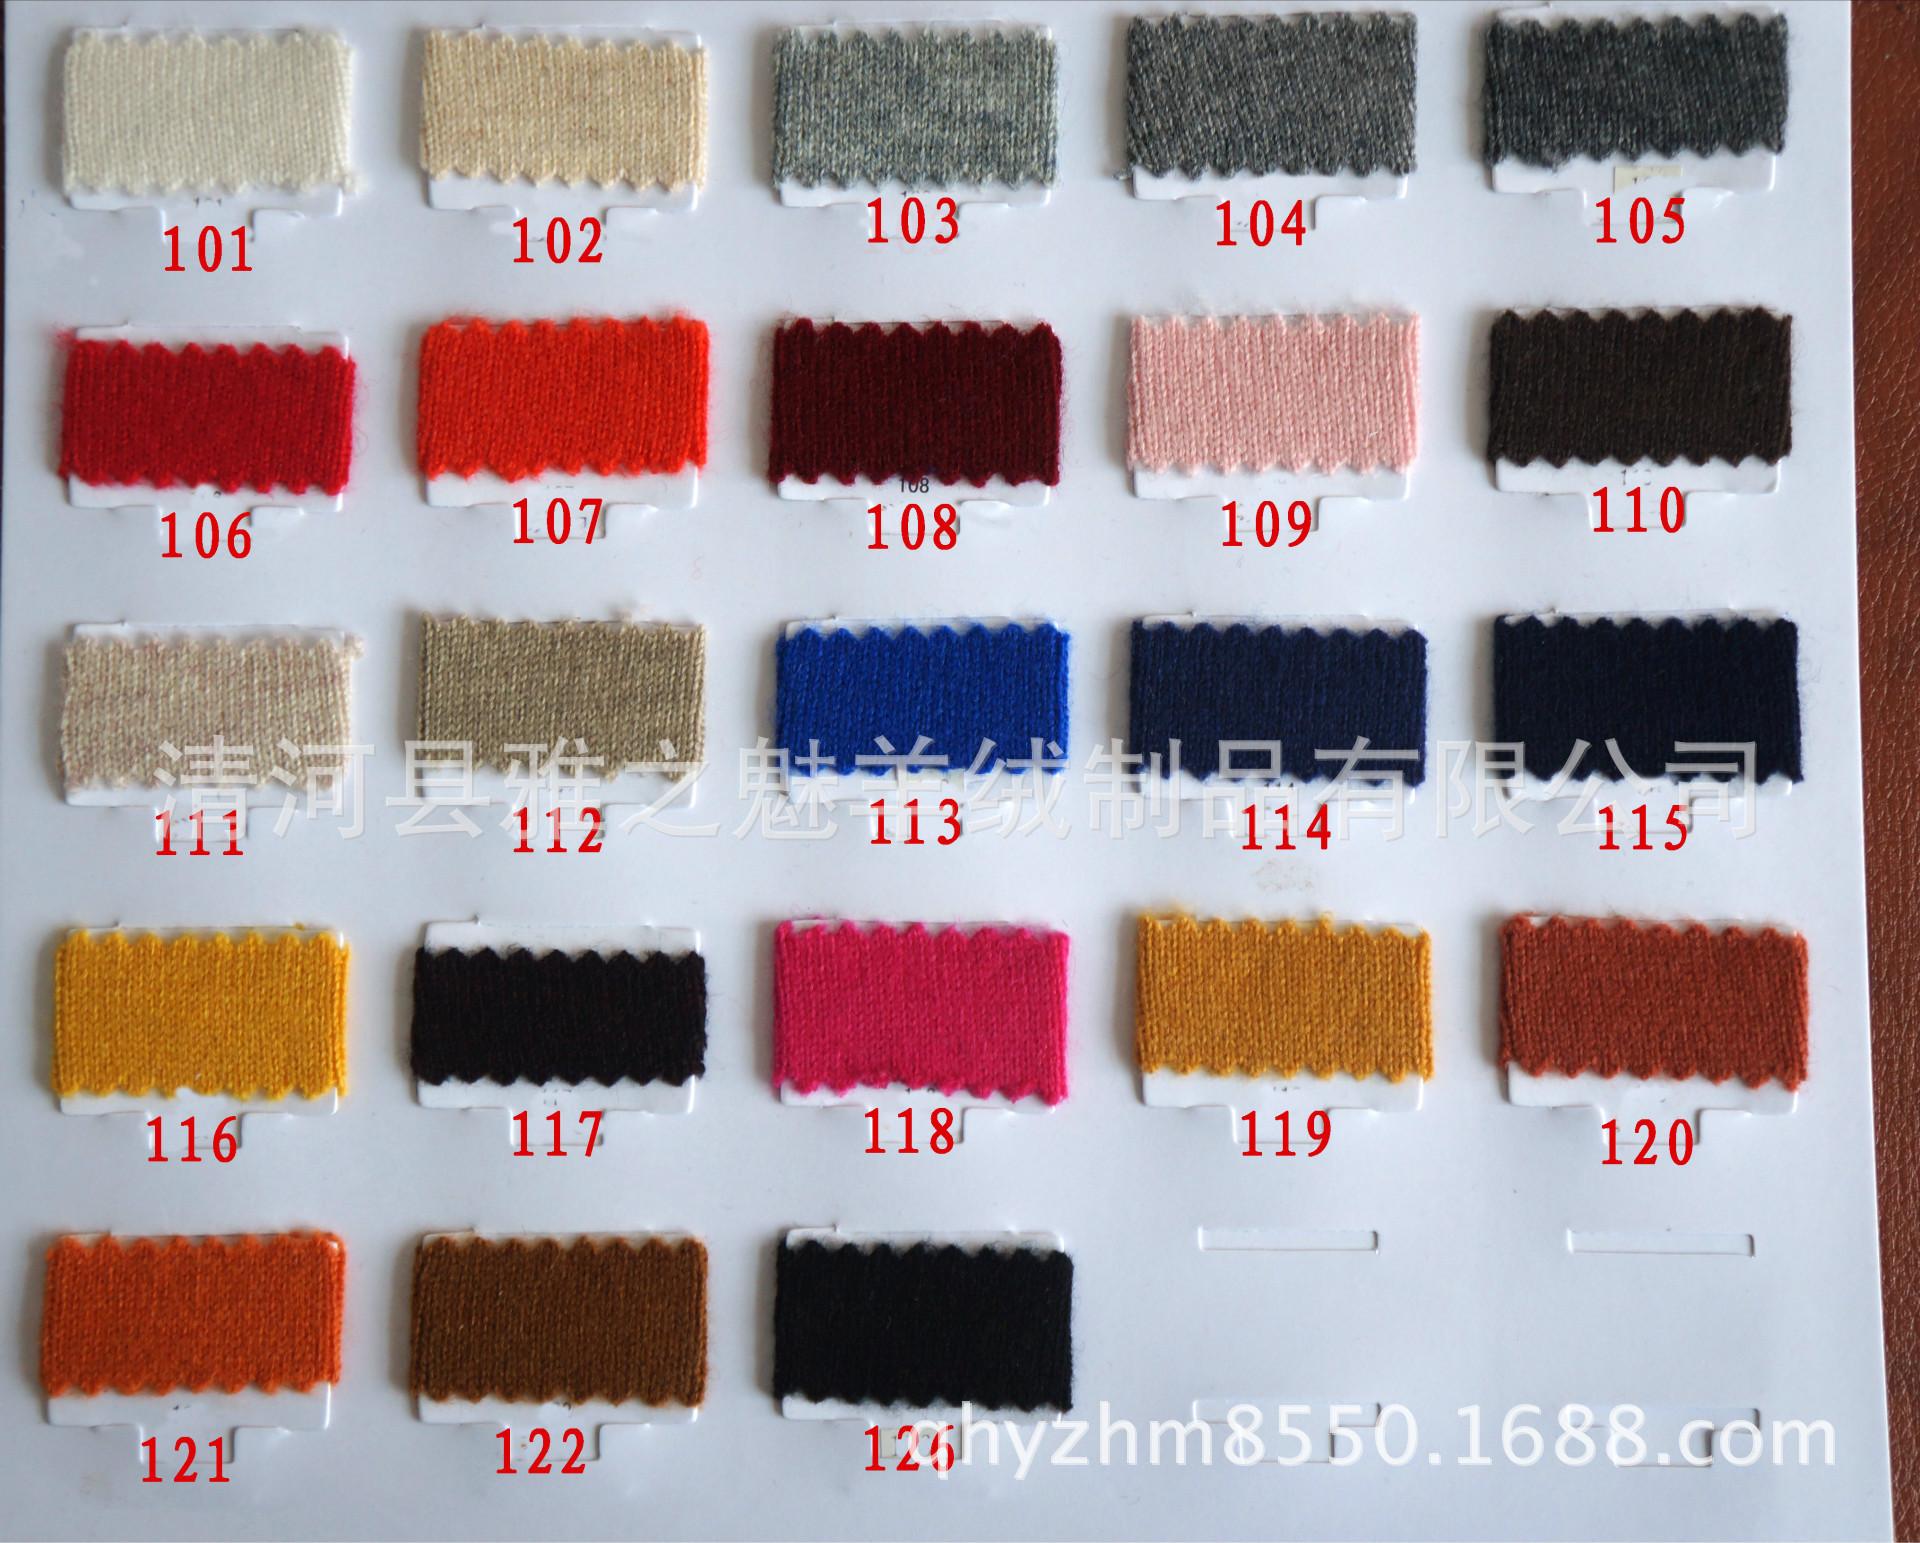 雅之魅]厂家供应 优质26s兔绒纱线 特价促销量大供应中配兔绒线